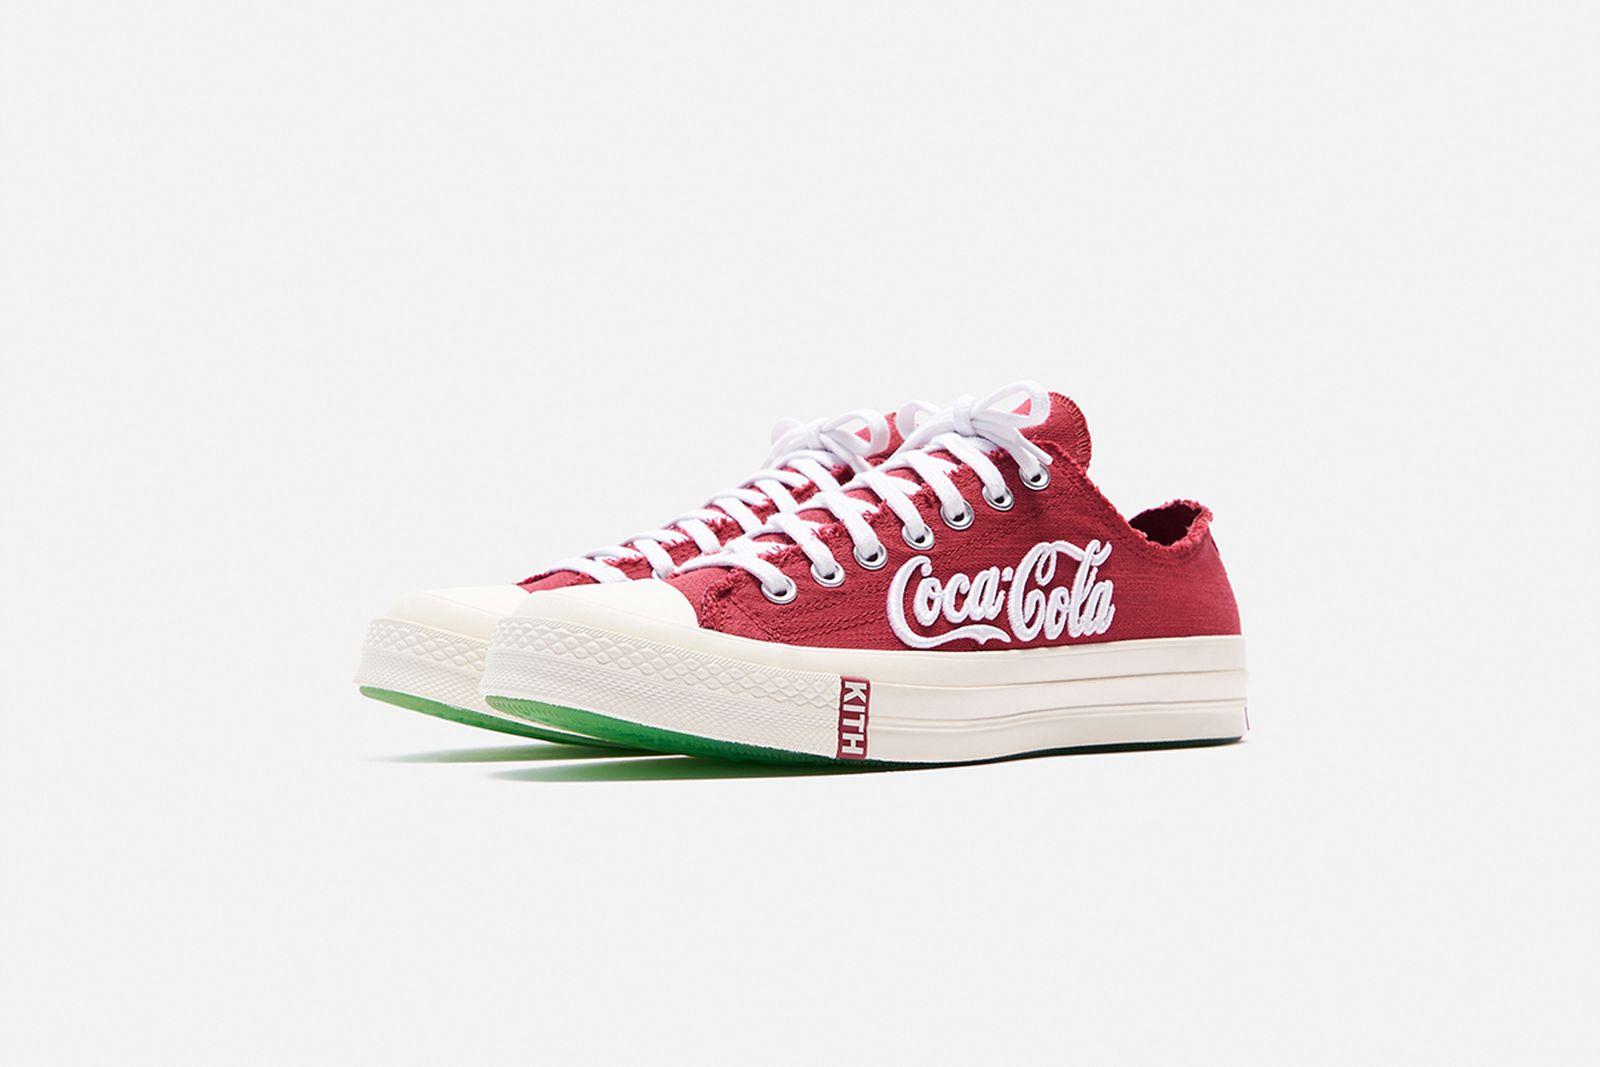 Kith x Coca-Cola x Converse Chuck Taylor